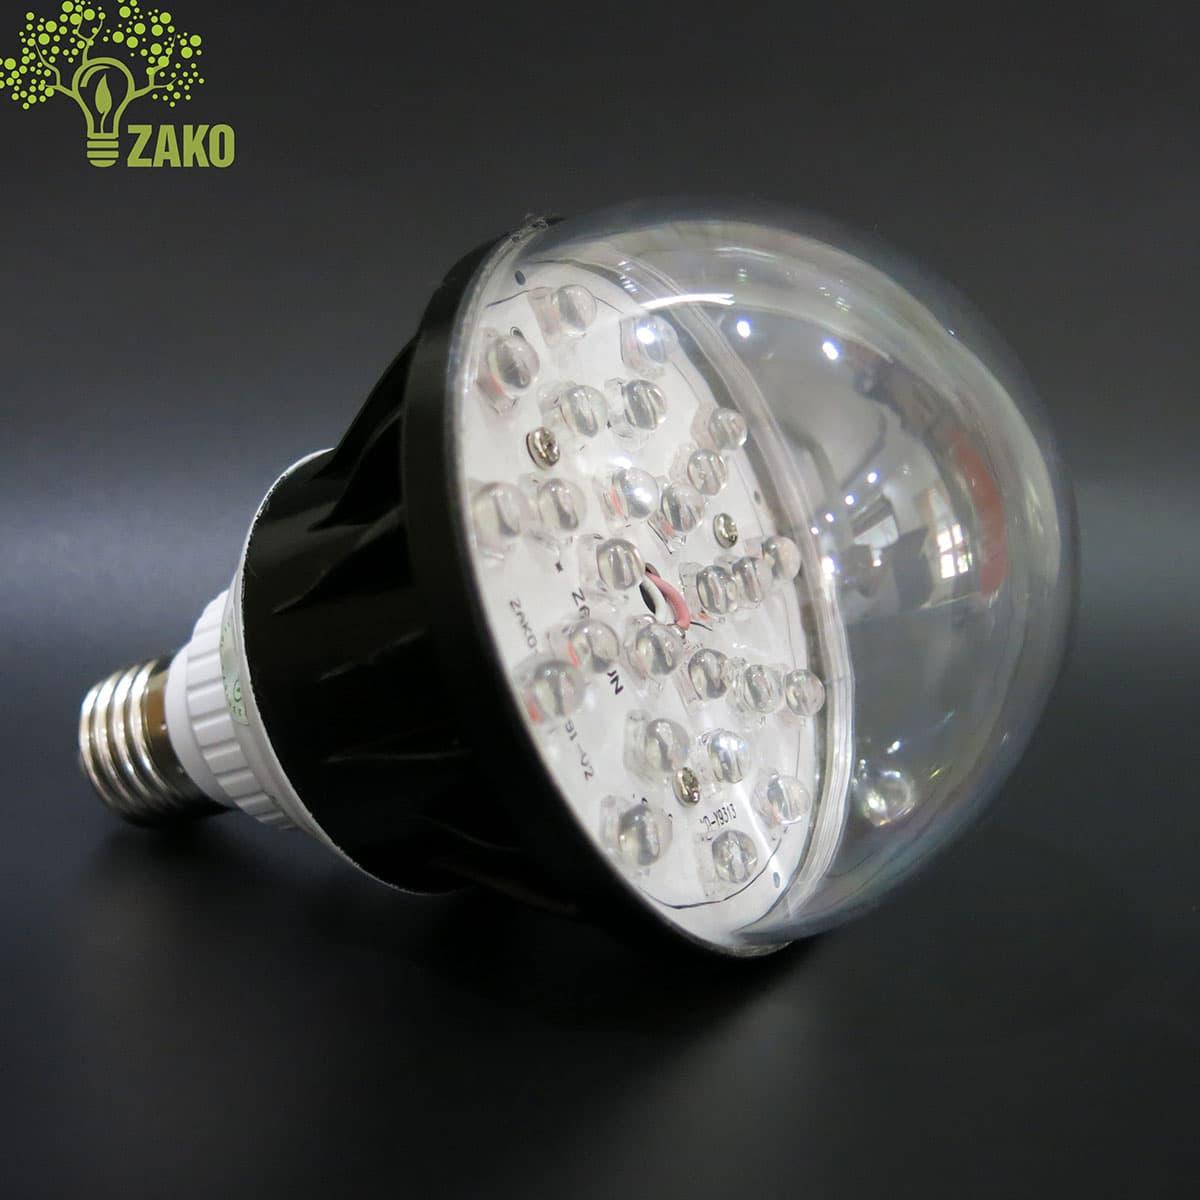 đèn led bulb 20w cho cây quang hợp